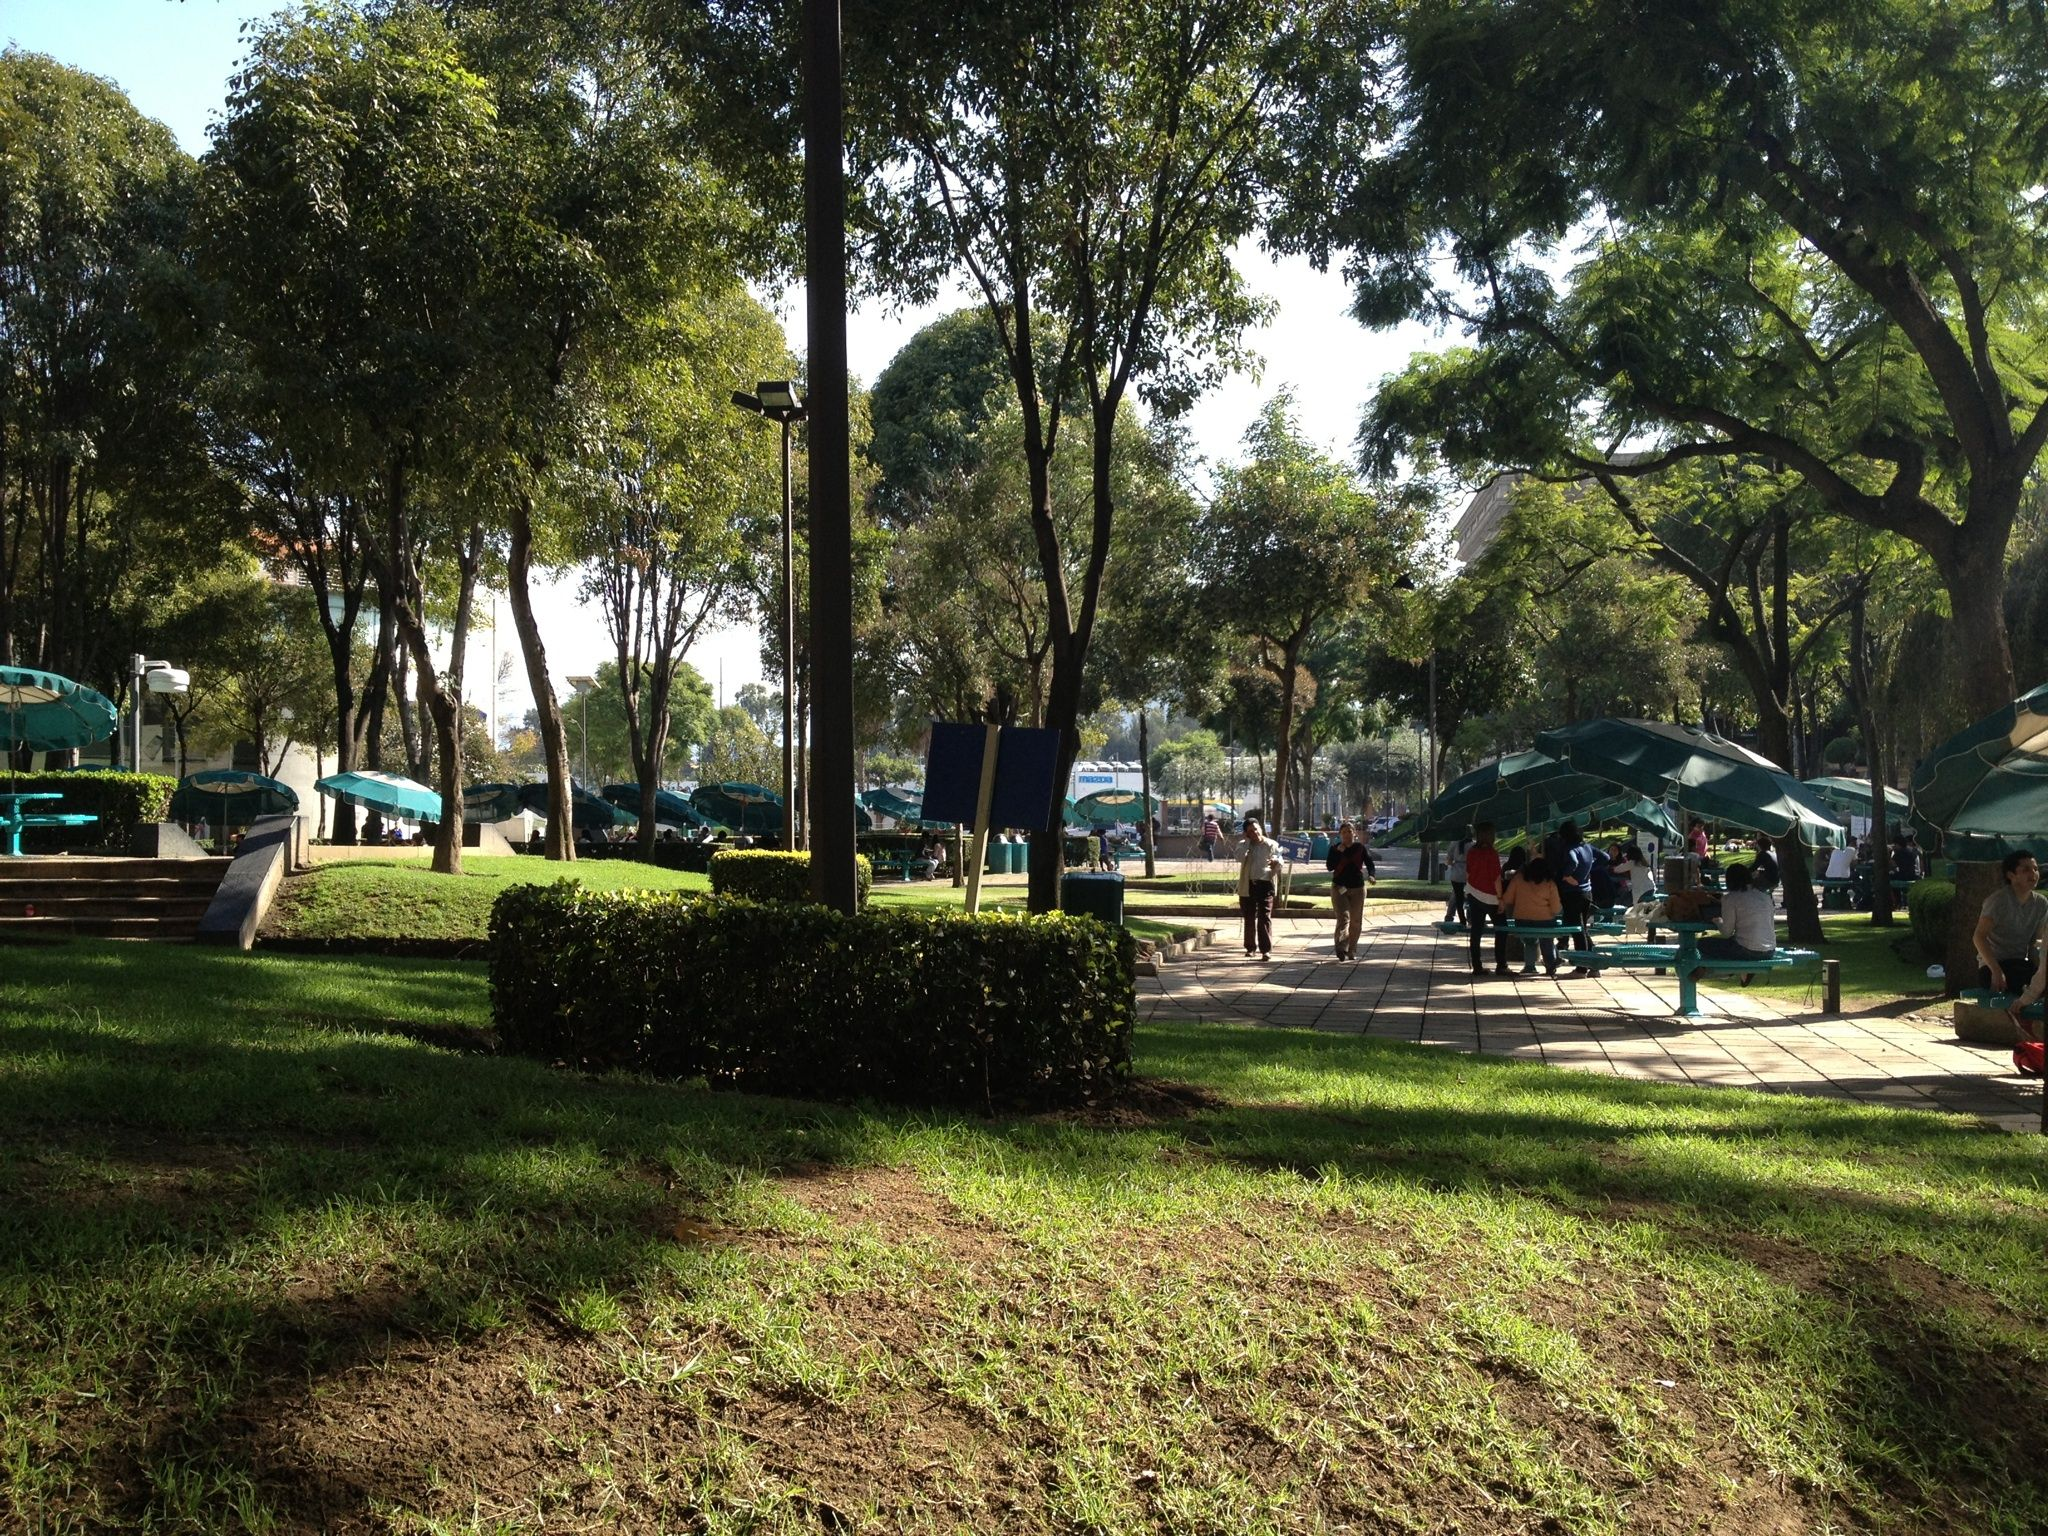 Fomentemos un ambiente tolerante dentro de nuestro campus #tecuni2